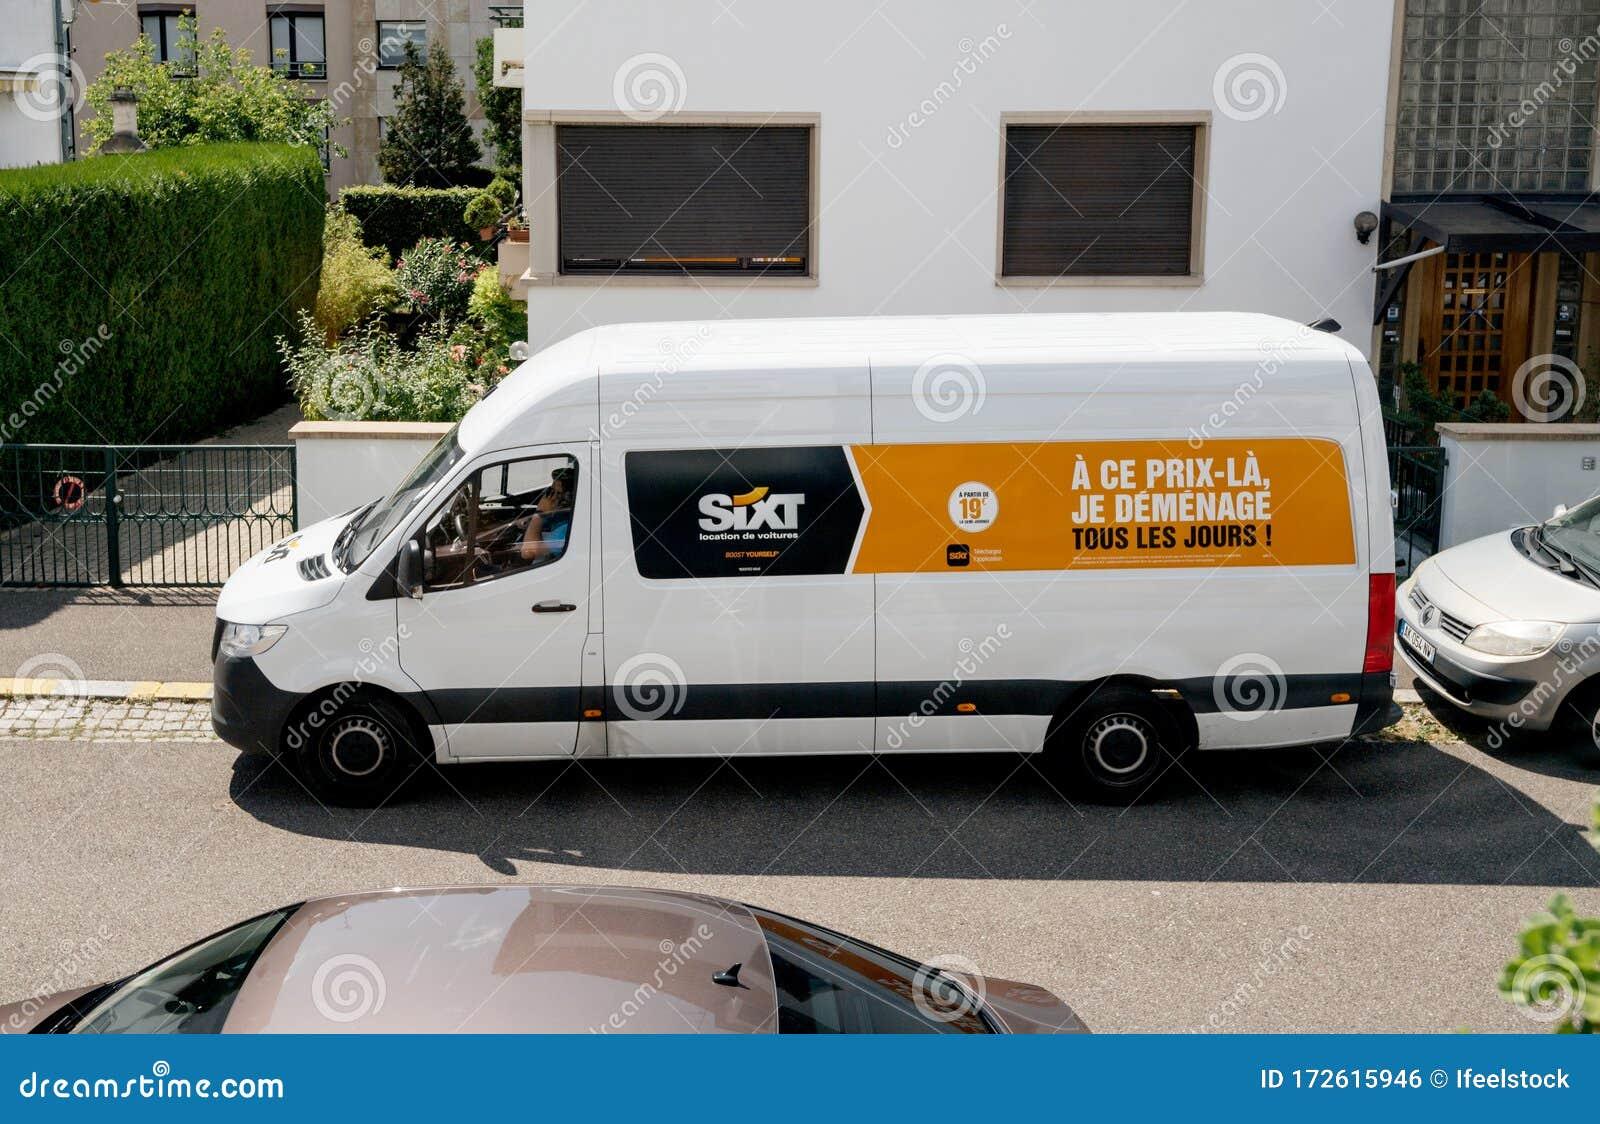 prix vans france off 66% - bonyadroudaki.com